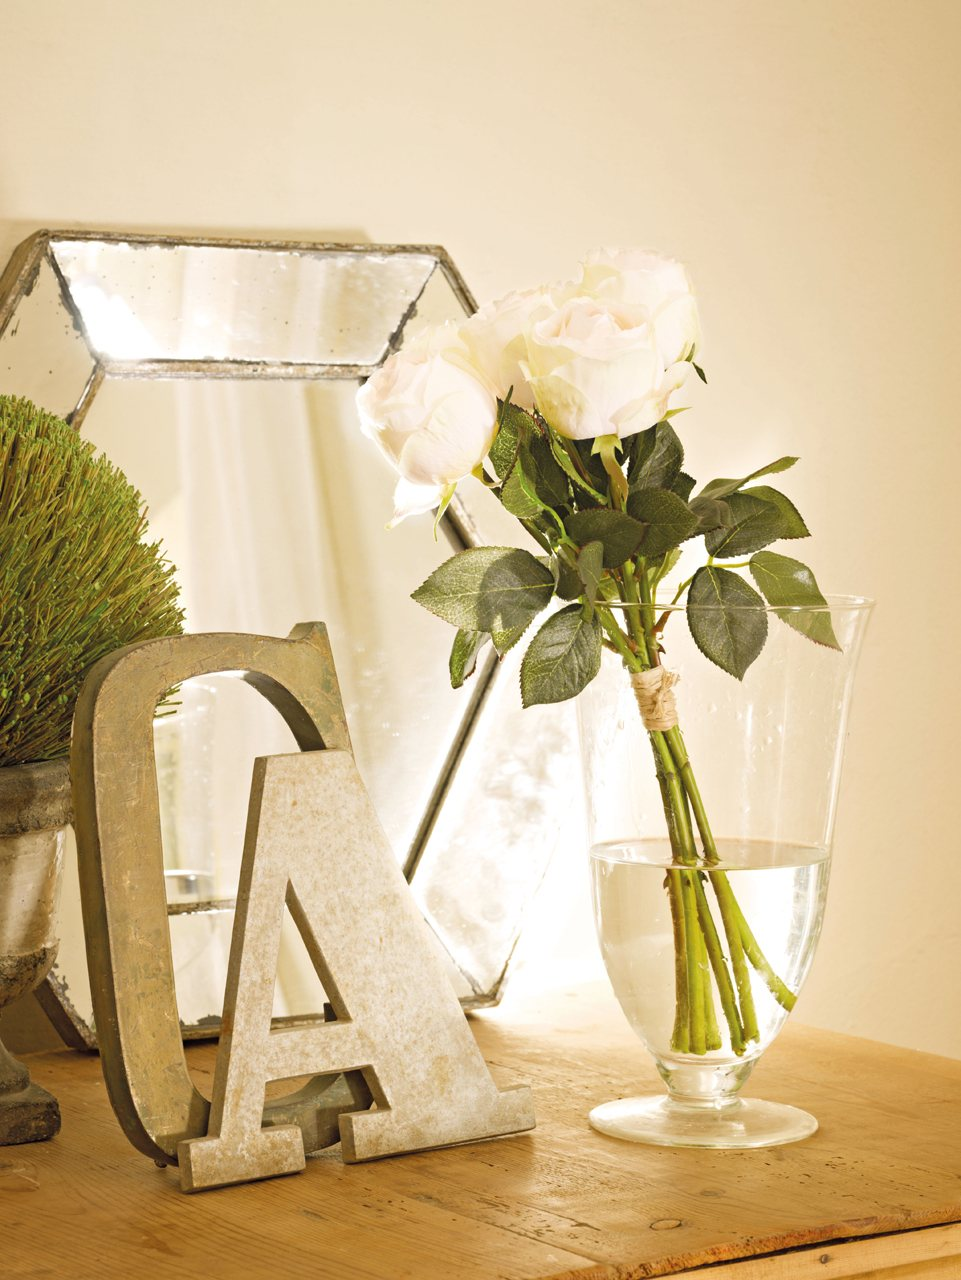 Decora tu casa con espejos son pura magia - Espejos pequenos ...